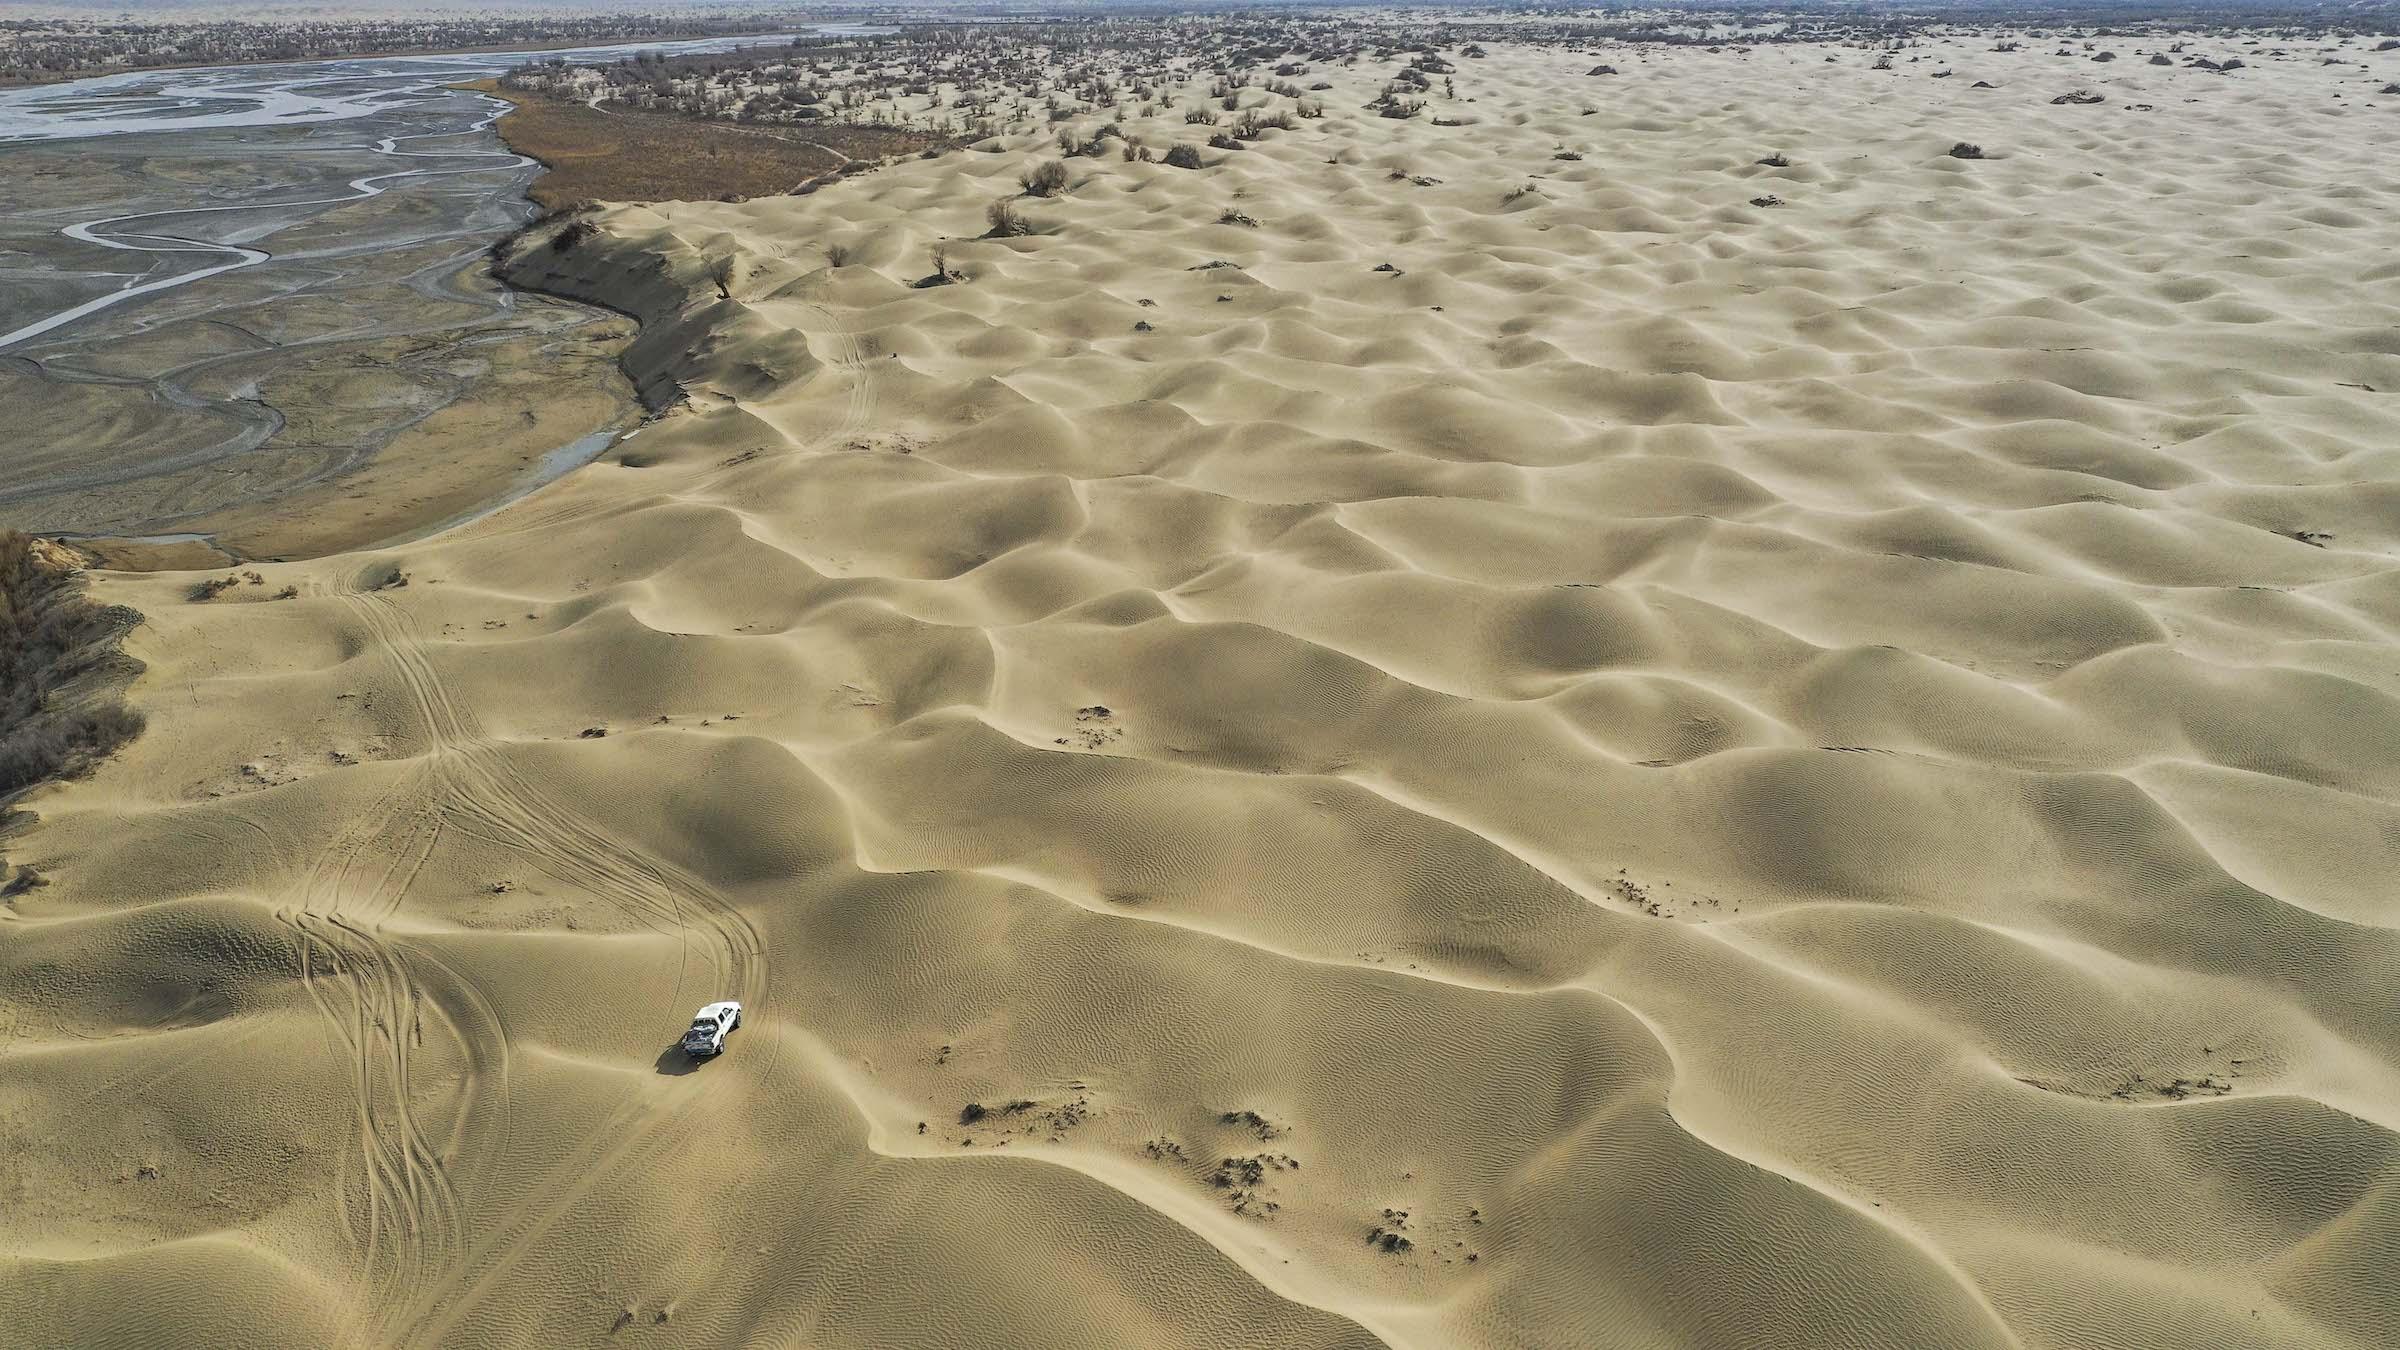 Tân Cương - miền đất Tây Vực trải dài như bất tận, nơi cát vàng cuồn cuộn bay đầy trời - không chỉ được biết đến với ẩm thực ngon, phong ảnh đẹp mà còn thu hút bởi một ngôi làng rộng lớn nhất đất nước tỷ dân. Cách rìa sa mạc Taklimakan hơn 200 km - nơi được mệnh danh là Biển Chết, có một ngôi làng là Dali Yabuyi hay Darya Boyi (Đạt Lí Nhã Bố Y).